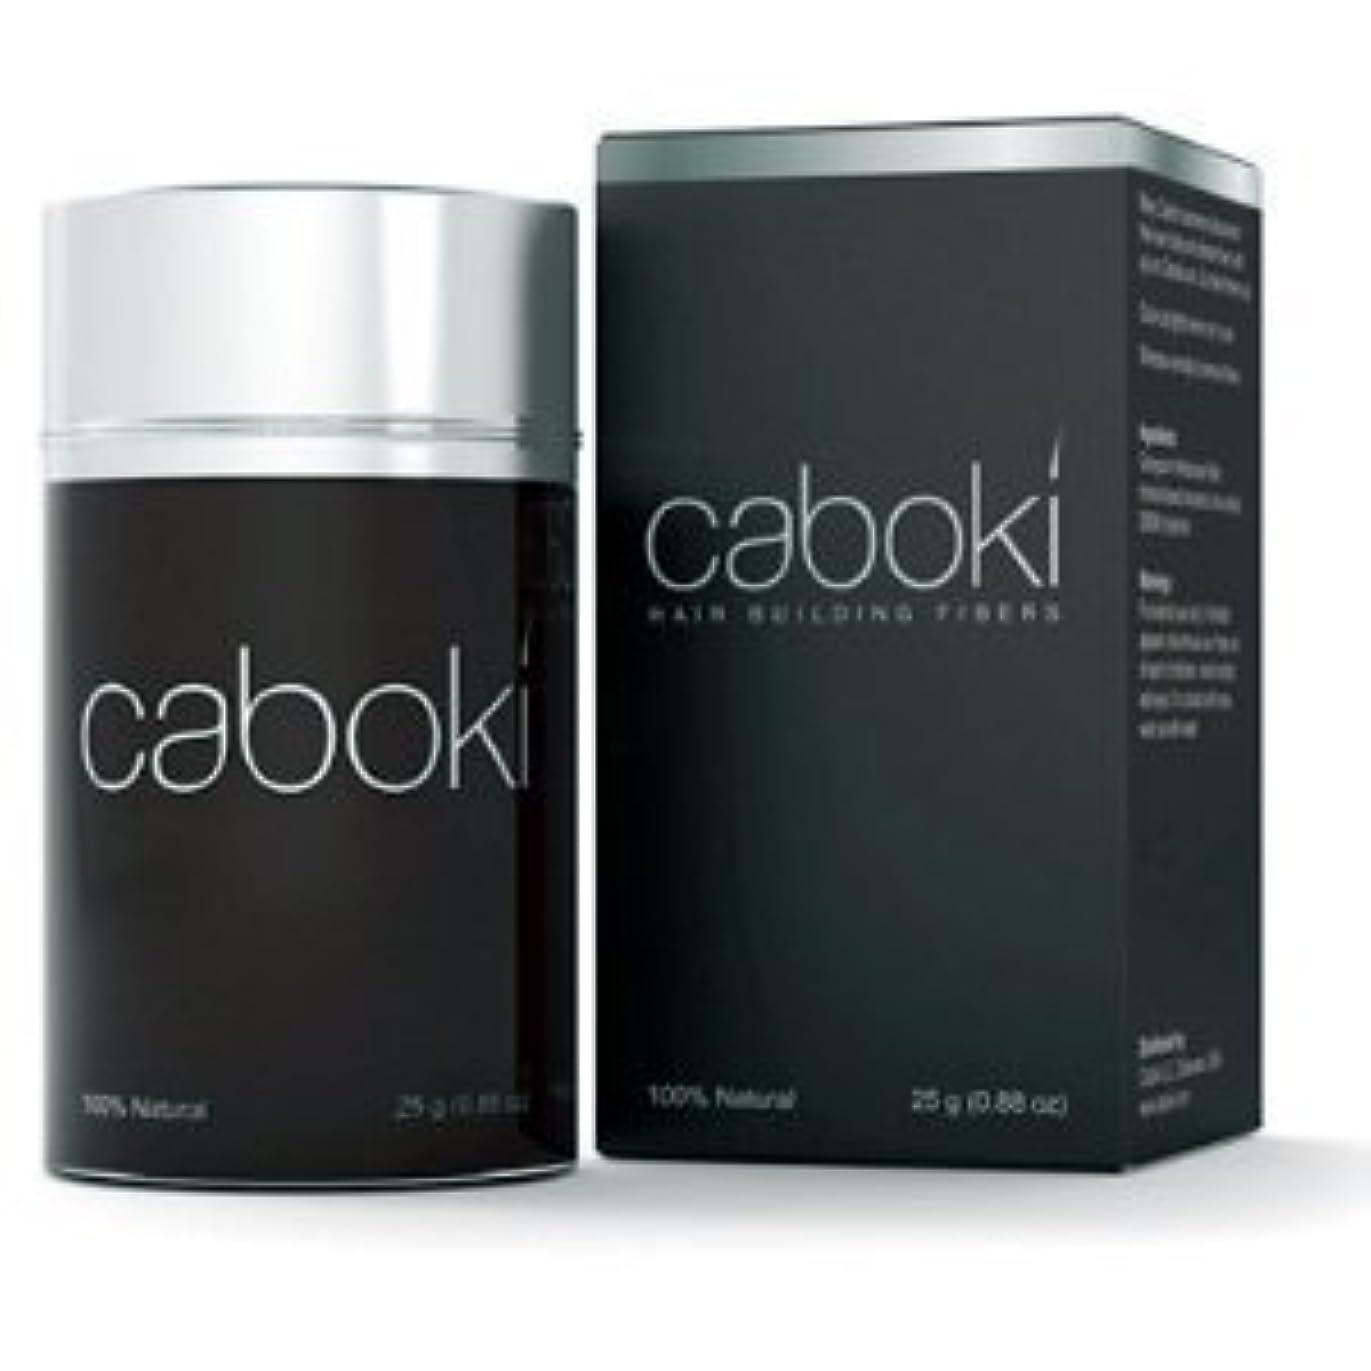 特殊不確実振りかけるCaboki カボキコンシーラー 薄毛をカバー即座に増毛 約50日分 25g  (ライトブラウン LightBrown) [並行輸入品]